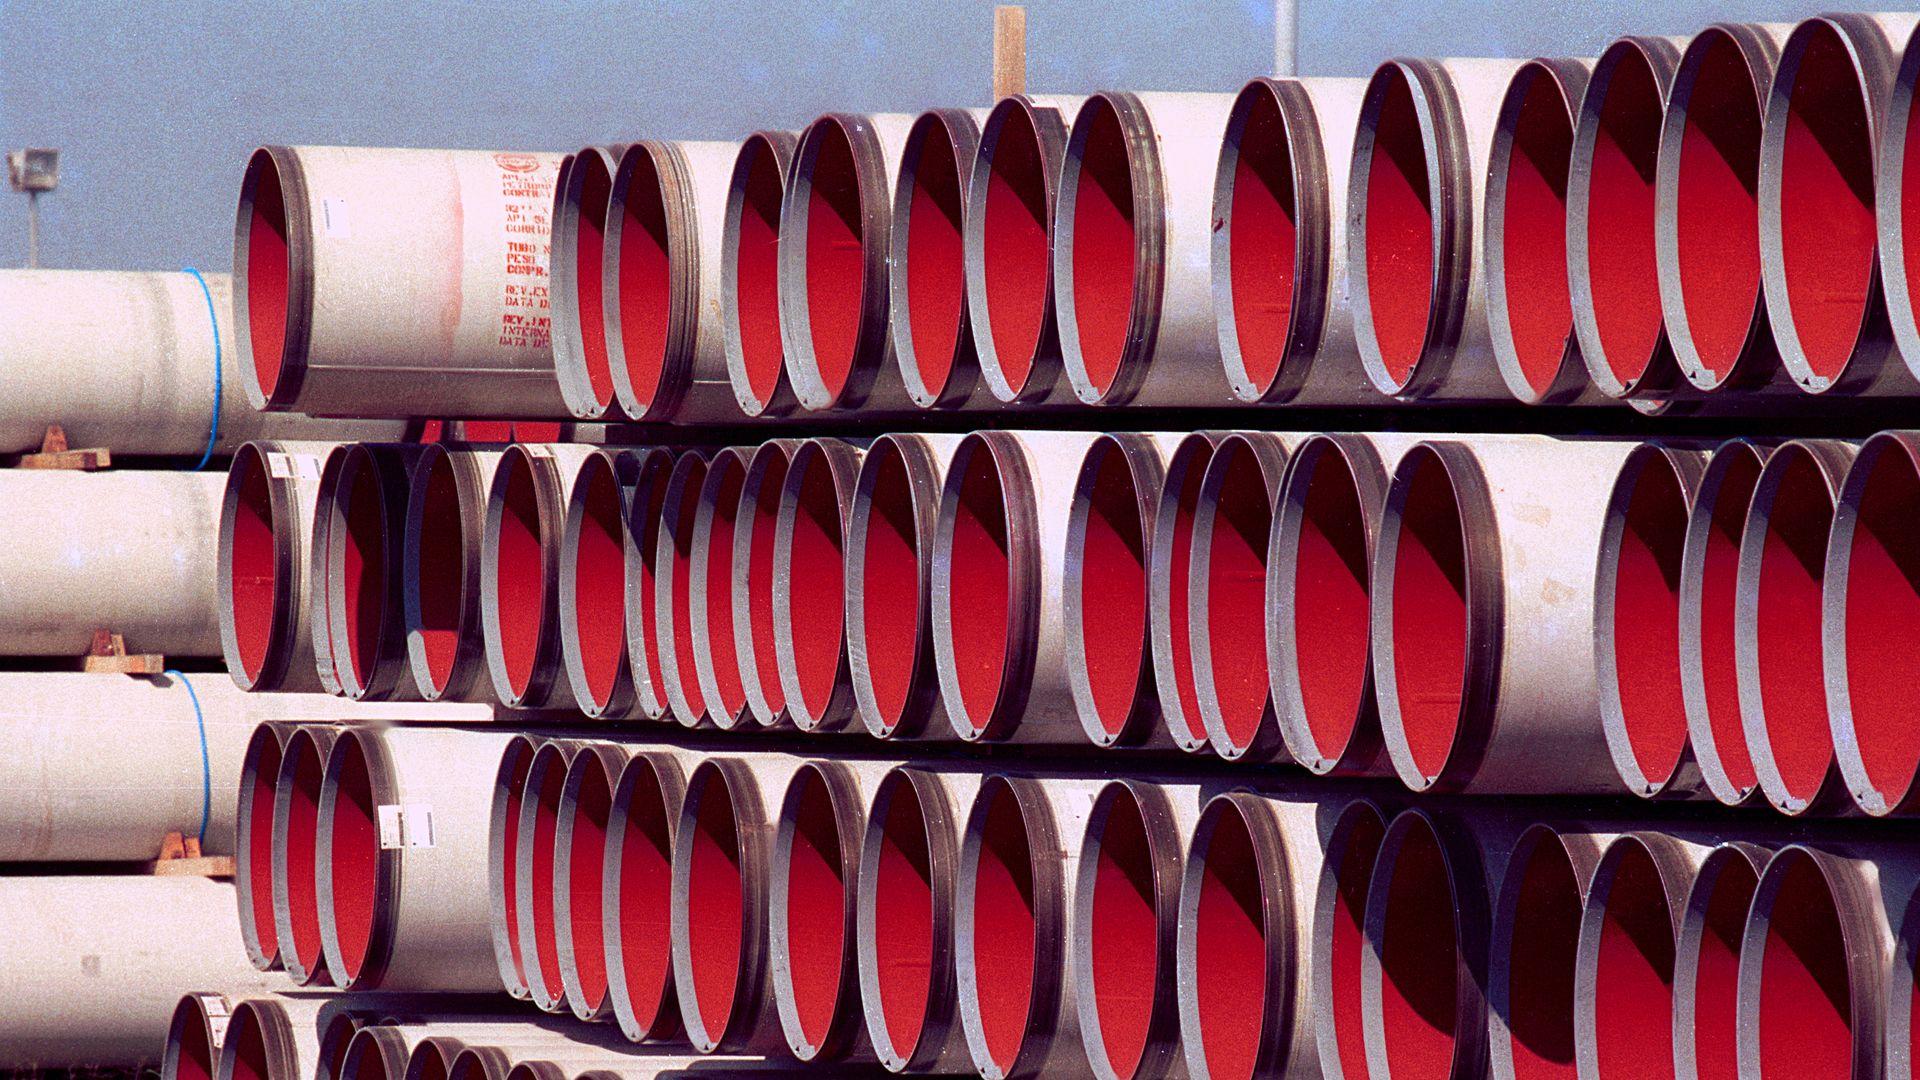 Tubos para construção de gasodutos usados pela Petrobras para o transporte de gás